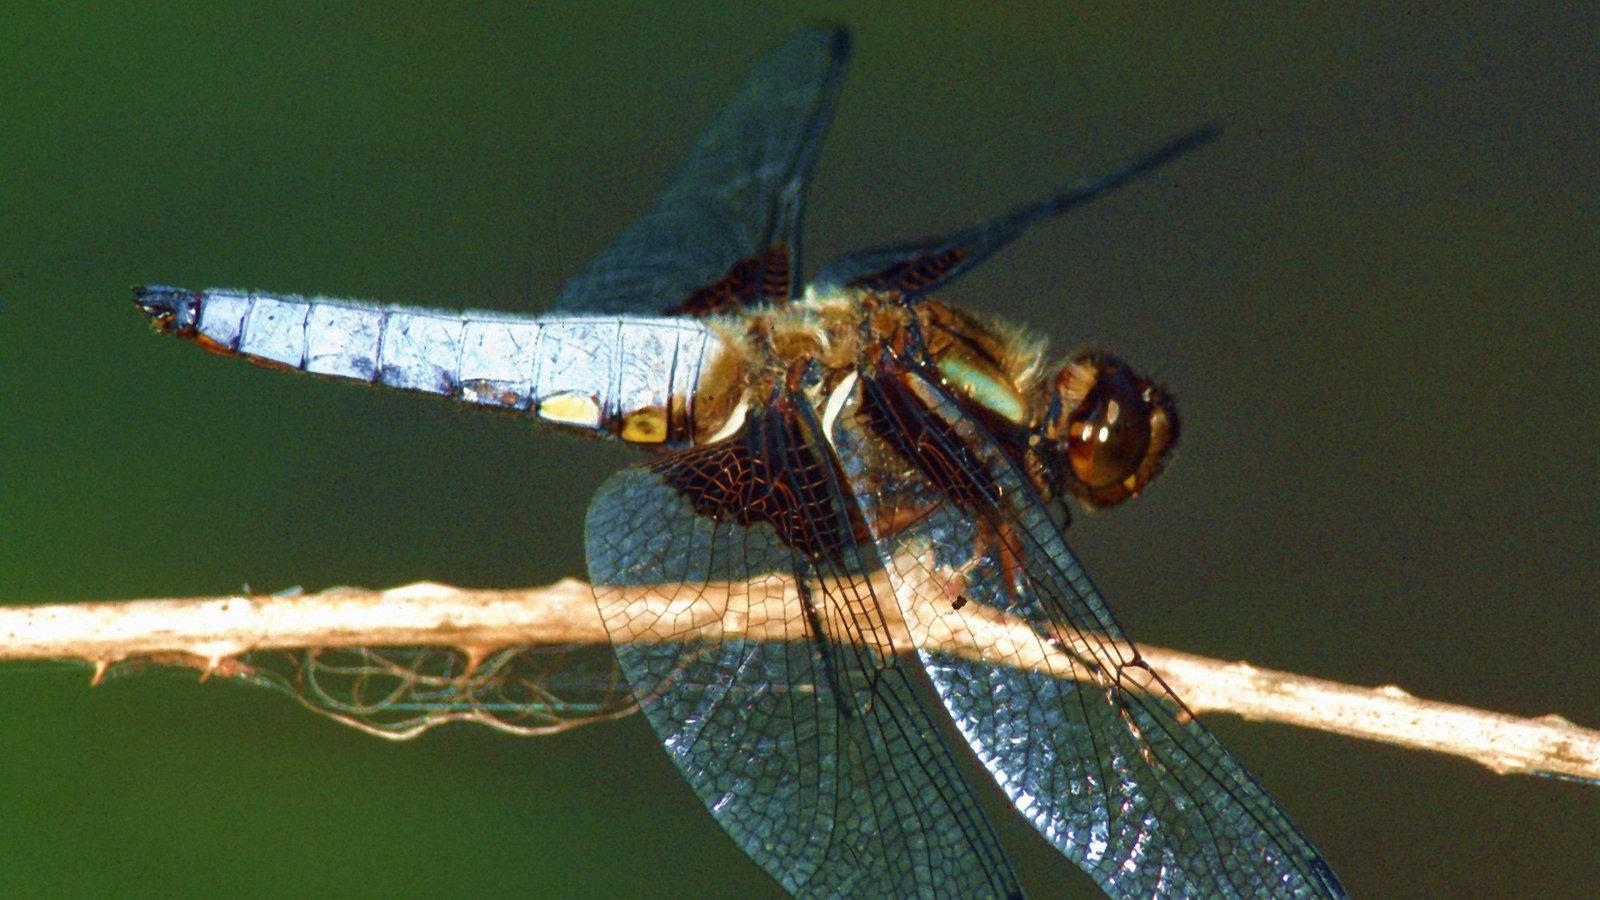 tierische flieger flug bei insekten  tierwelt  natur